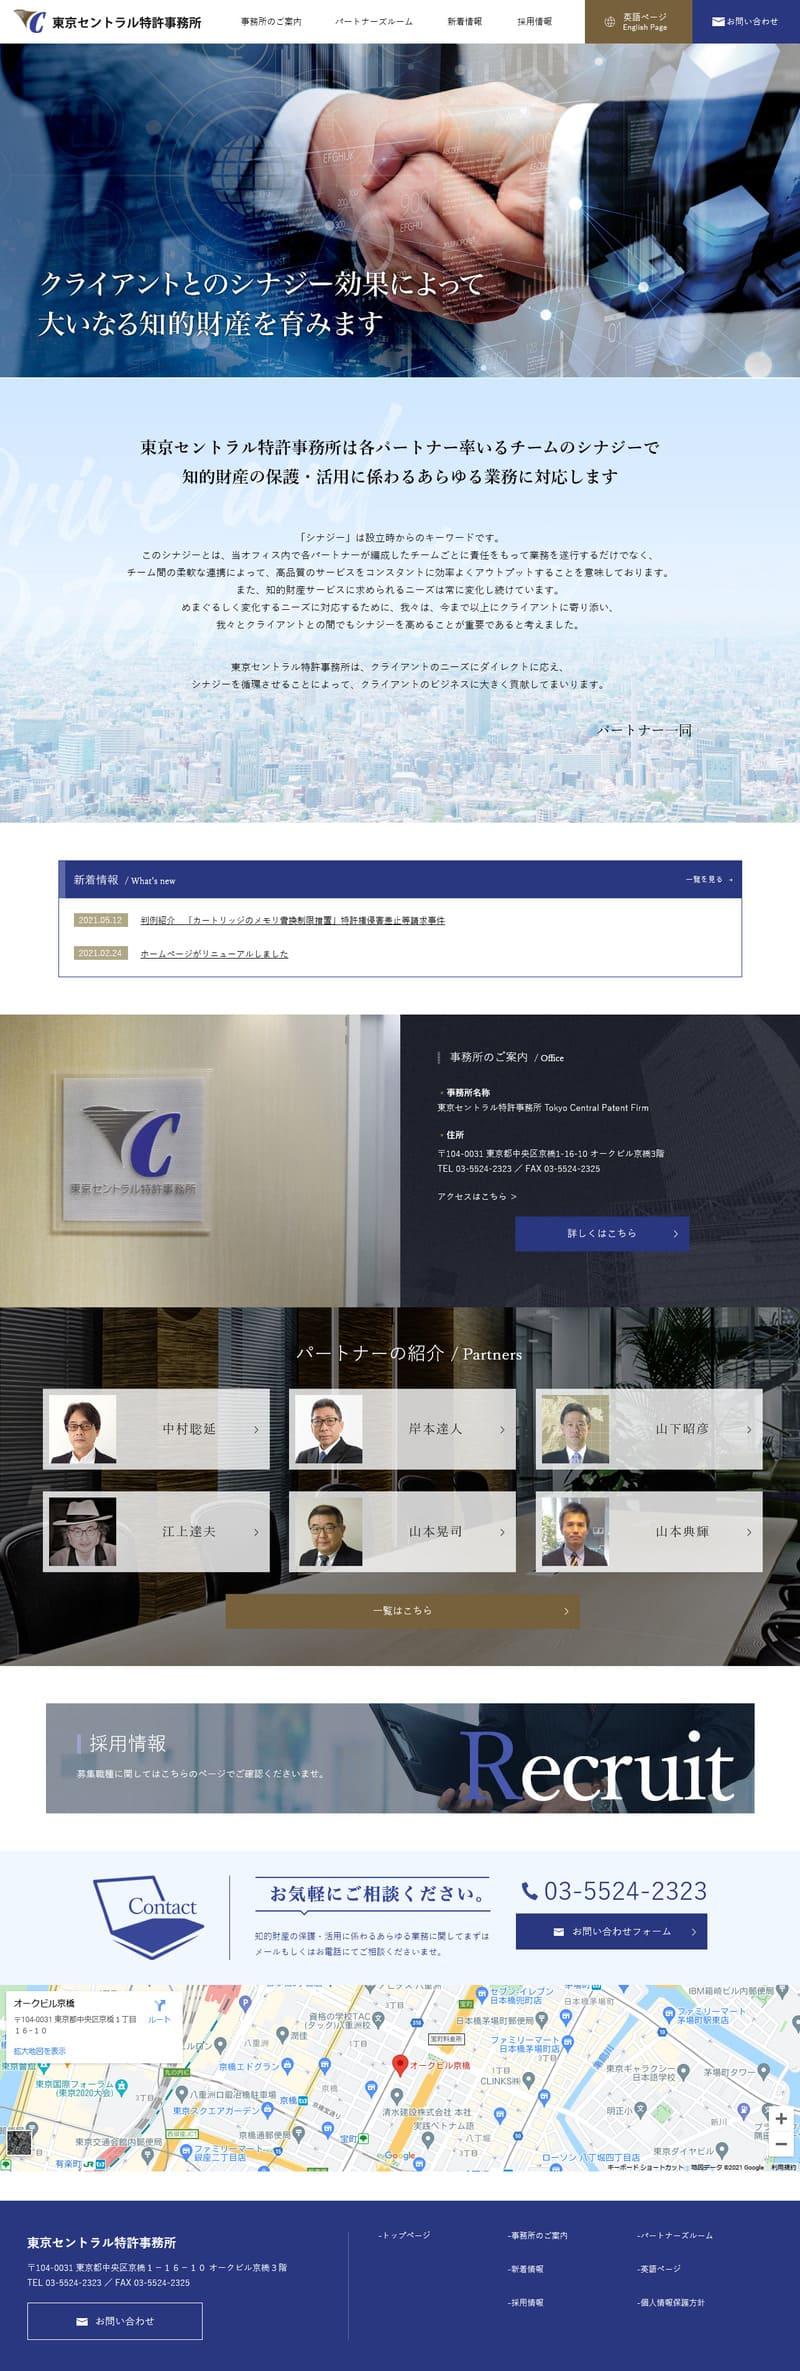 東京セントラル特許事務所